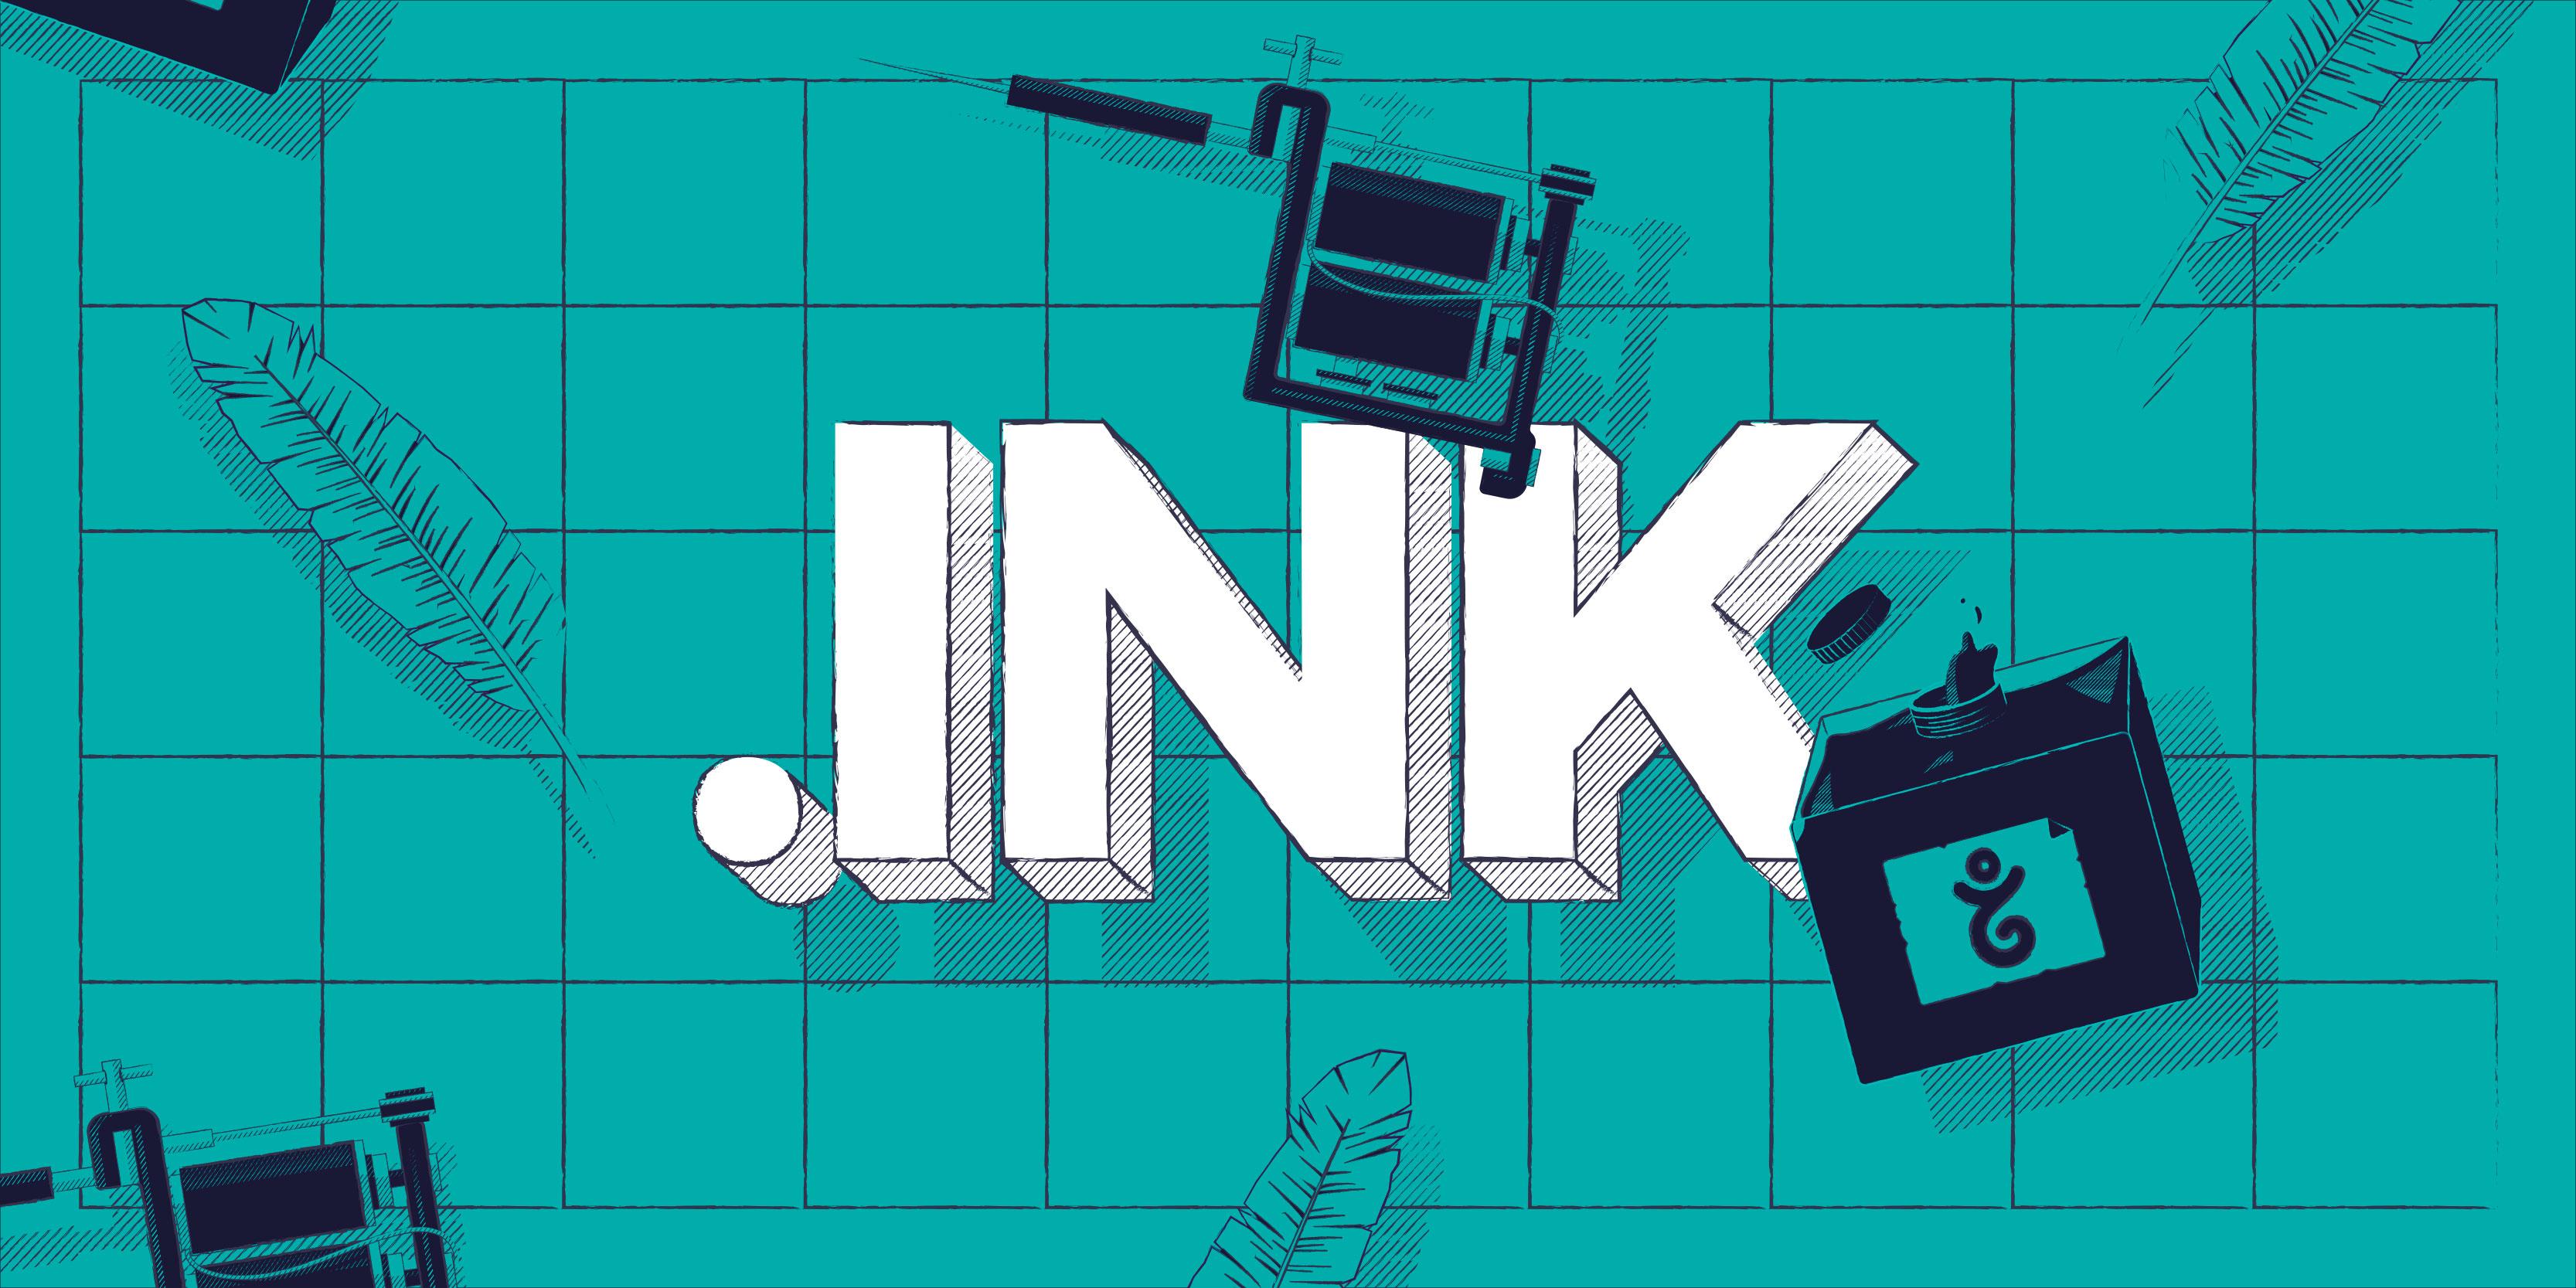 今秋は .ink ドメインでウェブサイトを作りましょう!